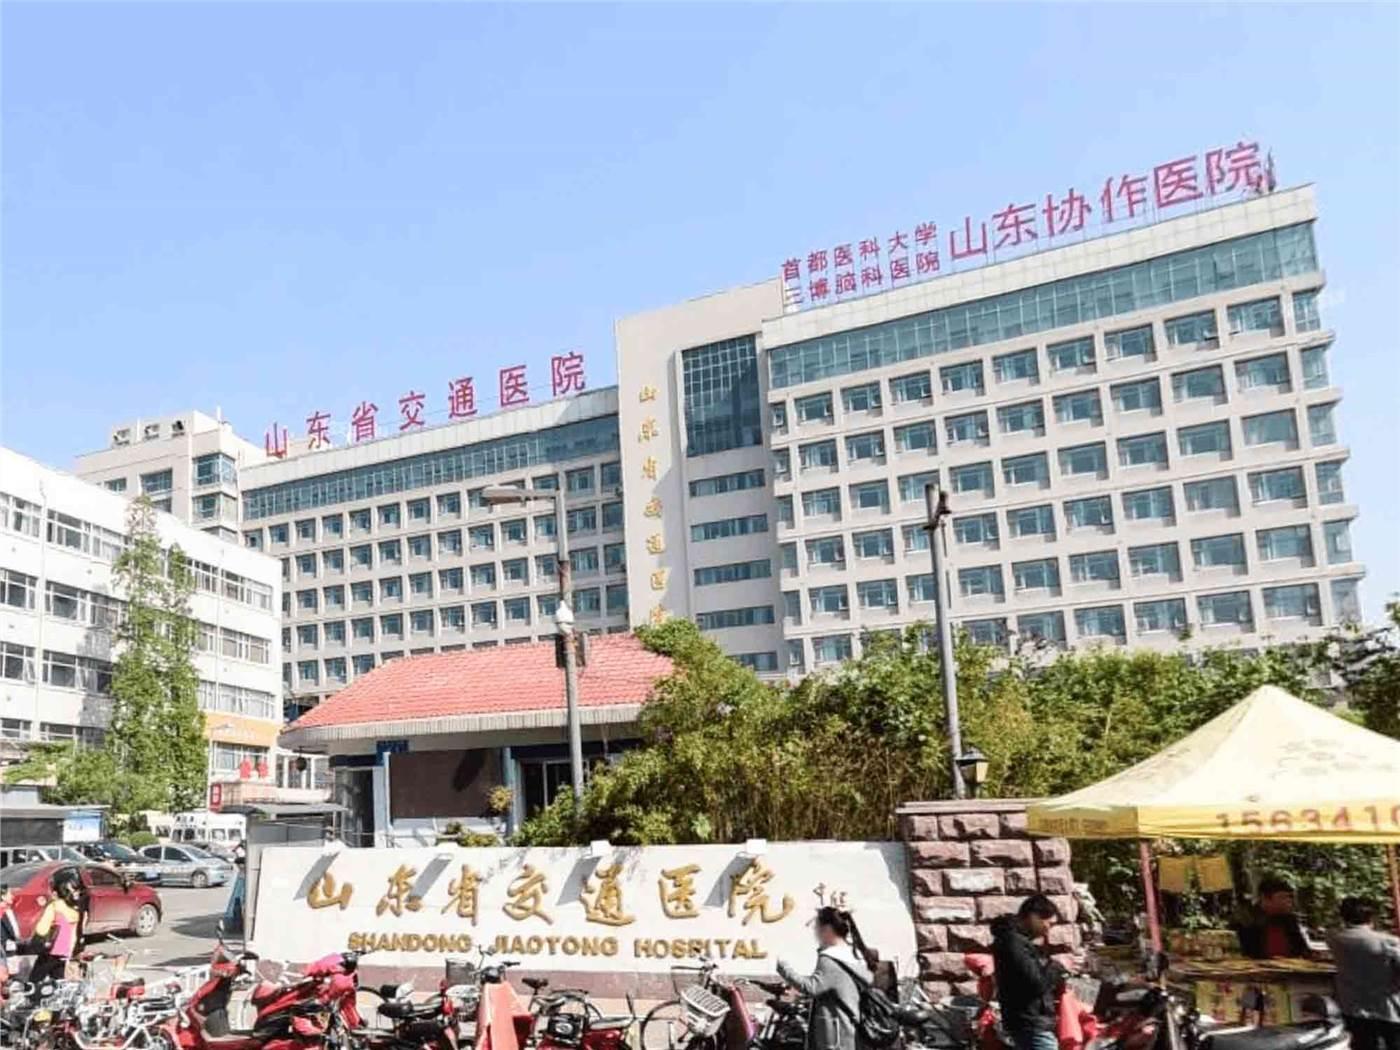 山东省立第三医院健康管理中心